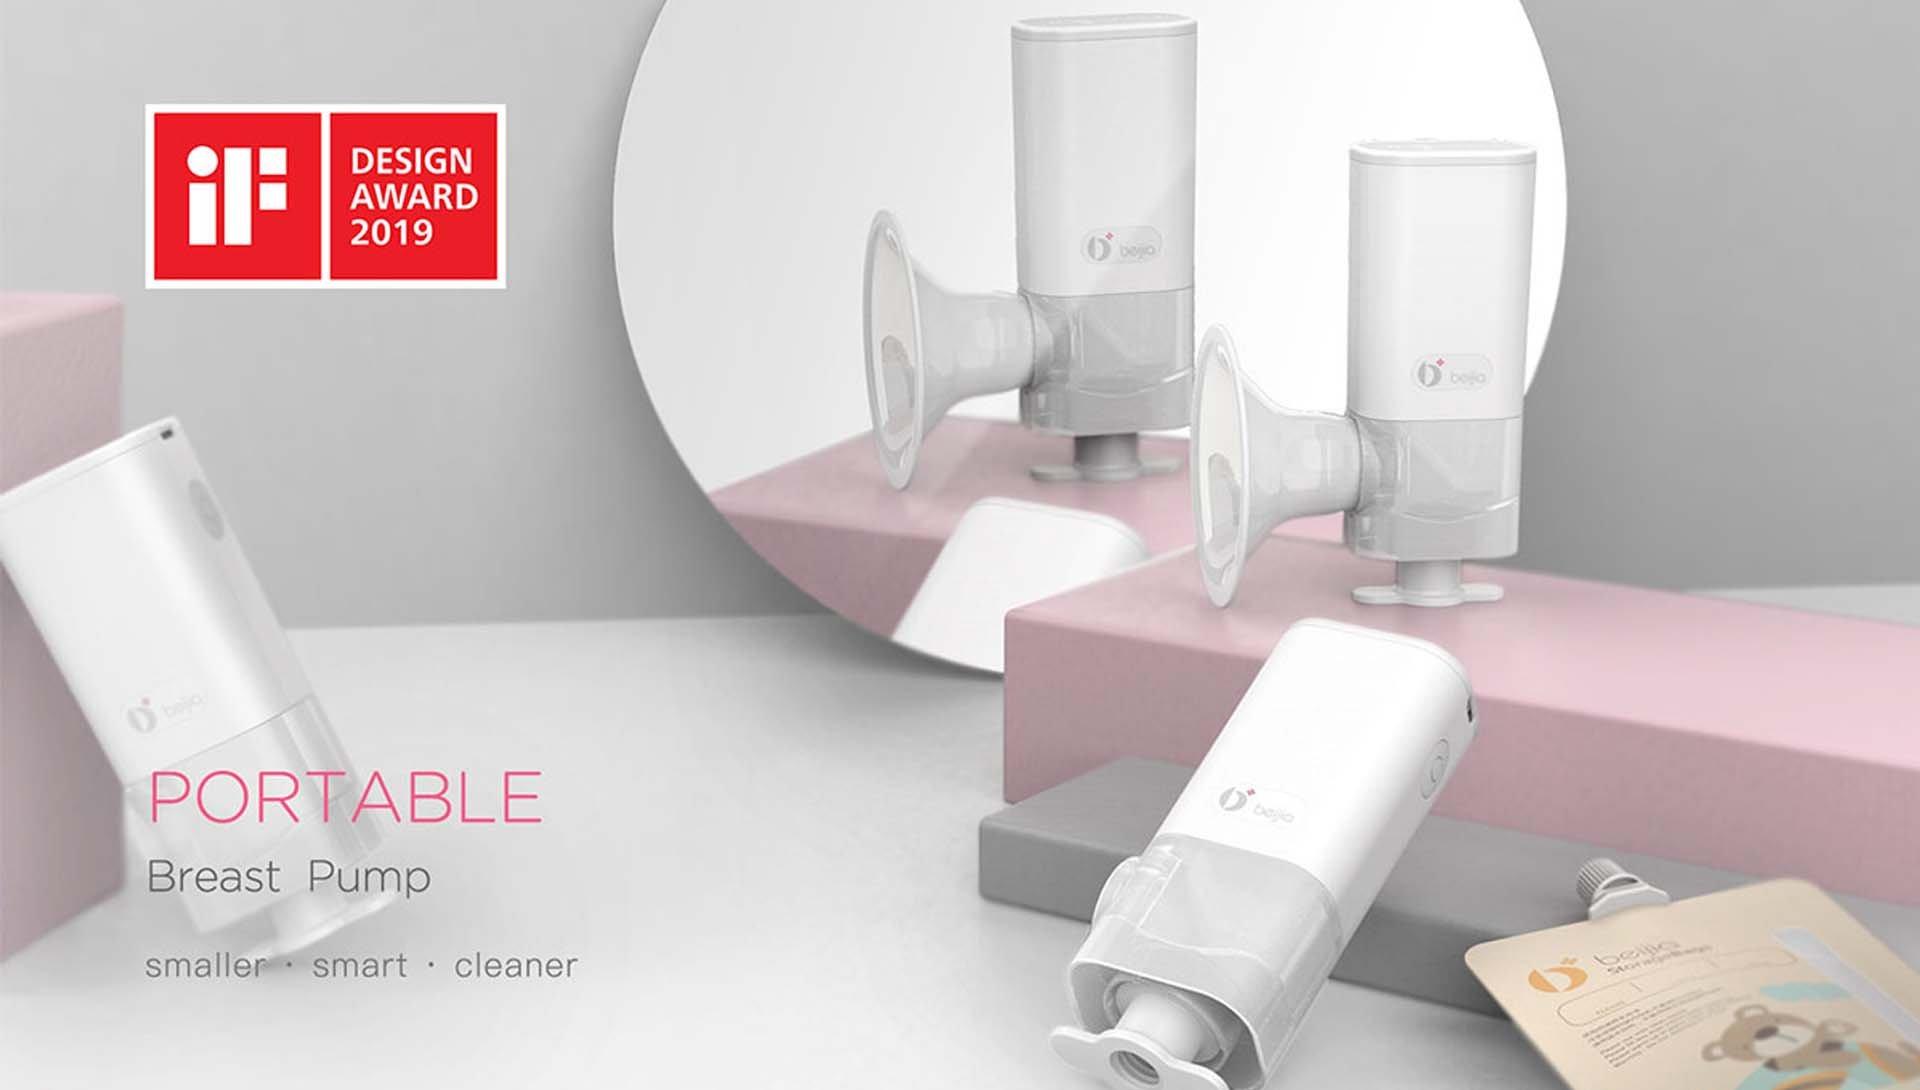 体积小的吸奶器产品设计细节展示